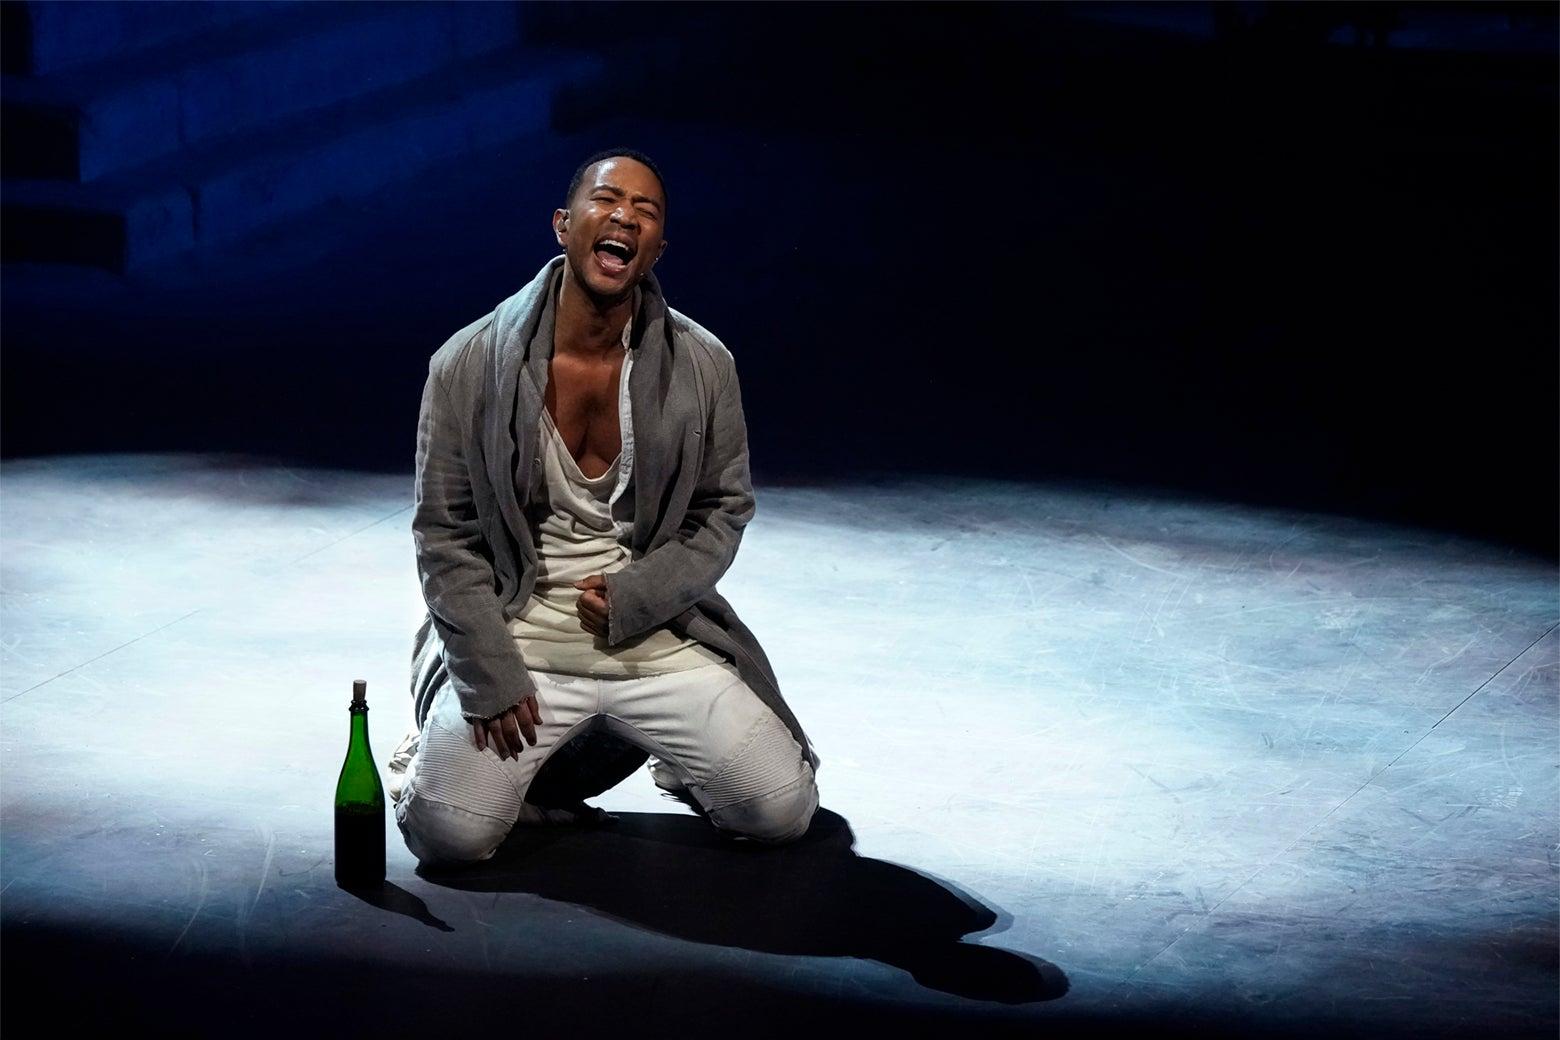 John Legend, in a photo taken during Jesus Christ Superstar Live in Concert, kneeling on stage and singing.